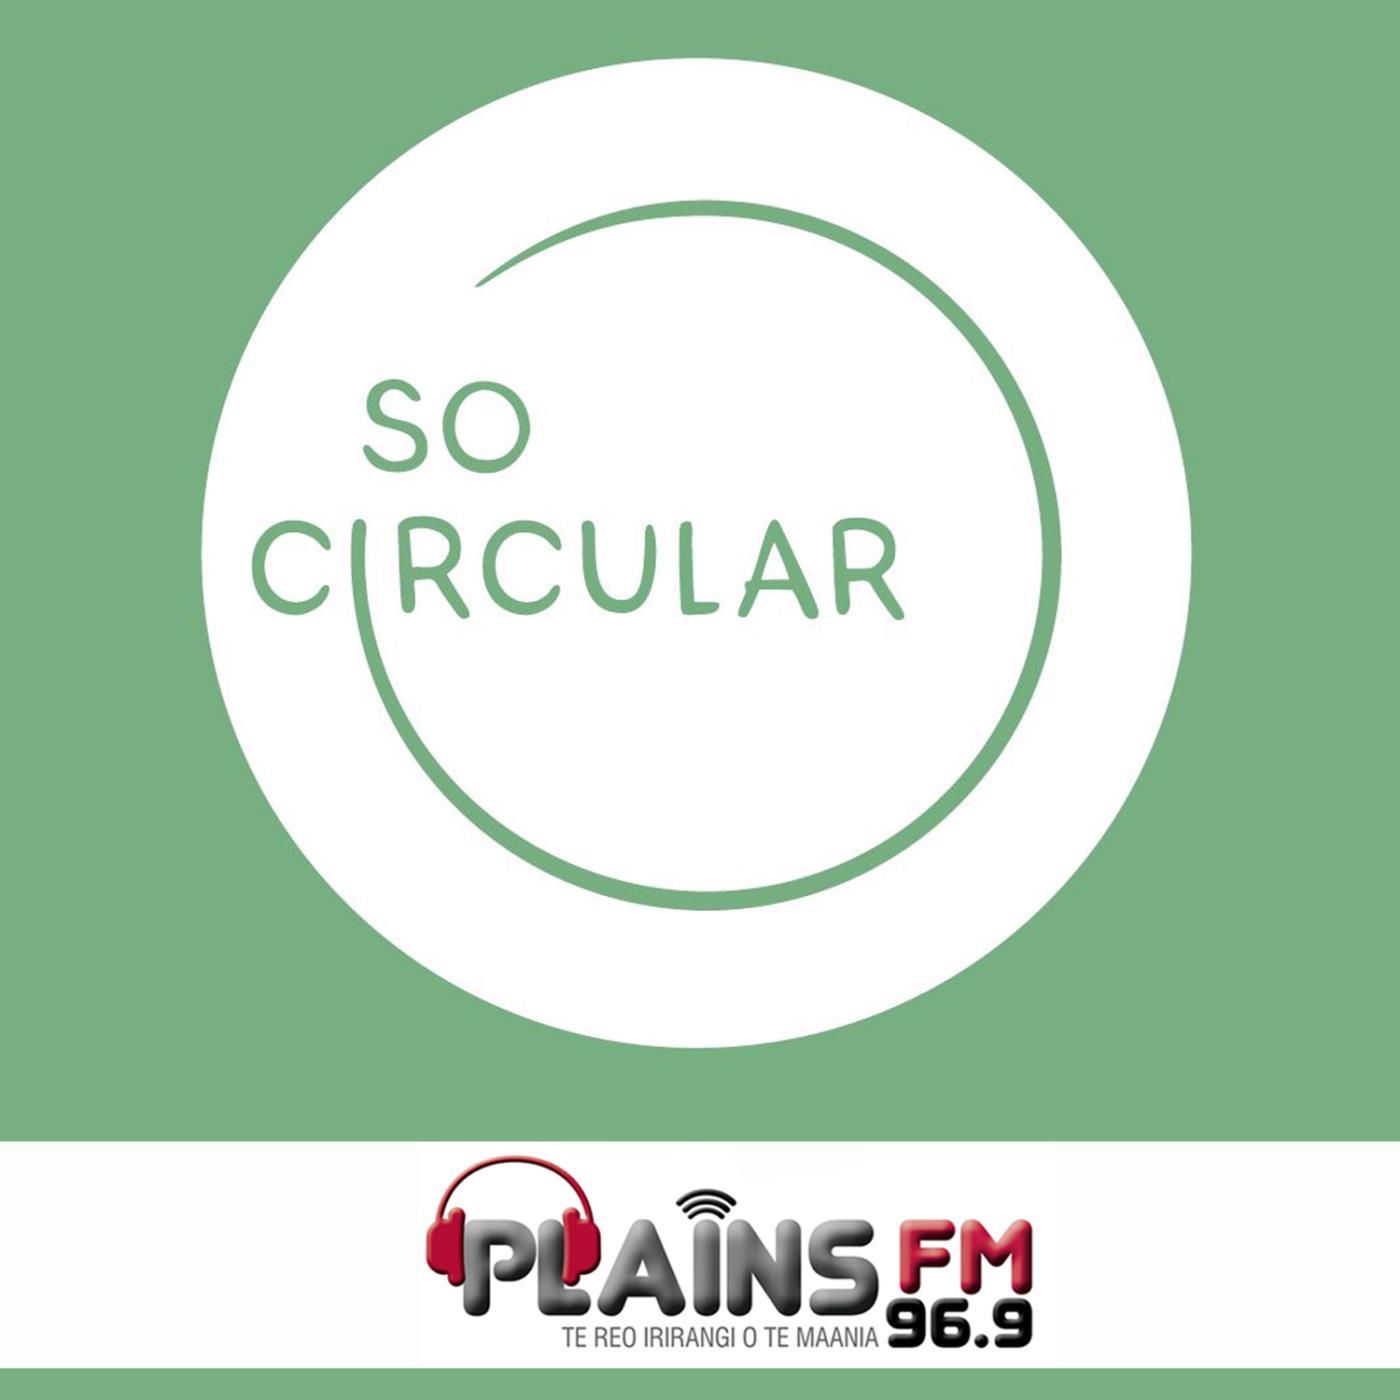 So Circular